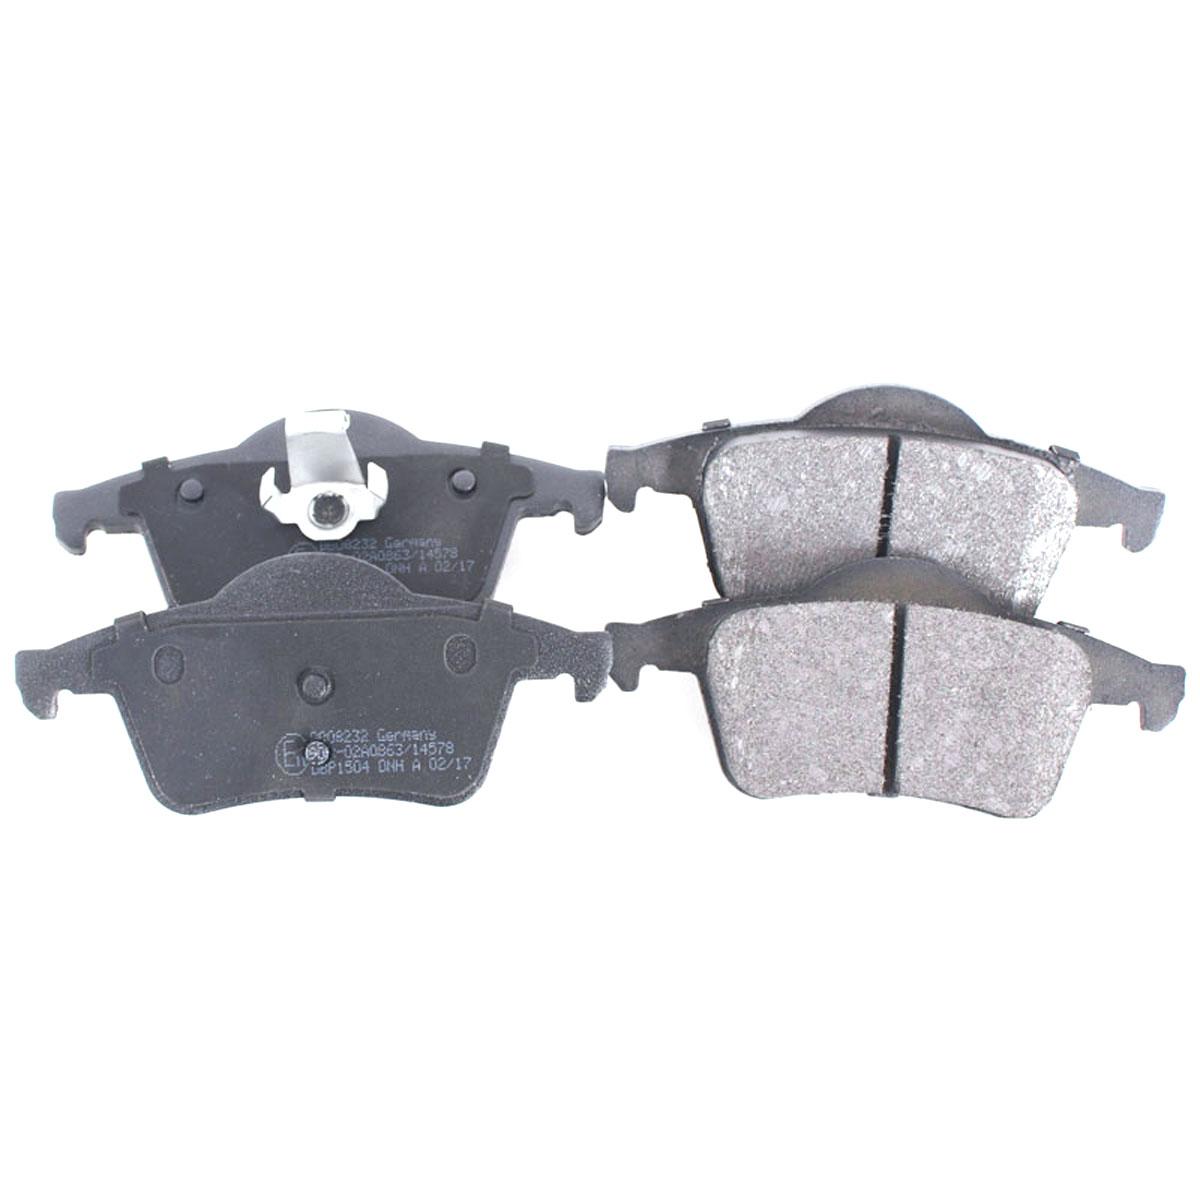 Bremsbelagsatz Scheibenbremse Hinterachse für Volvo S60, S80, V70, XC70, BB08232